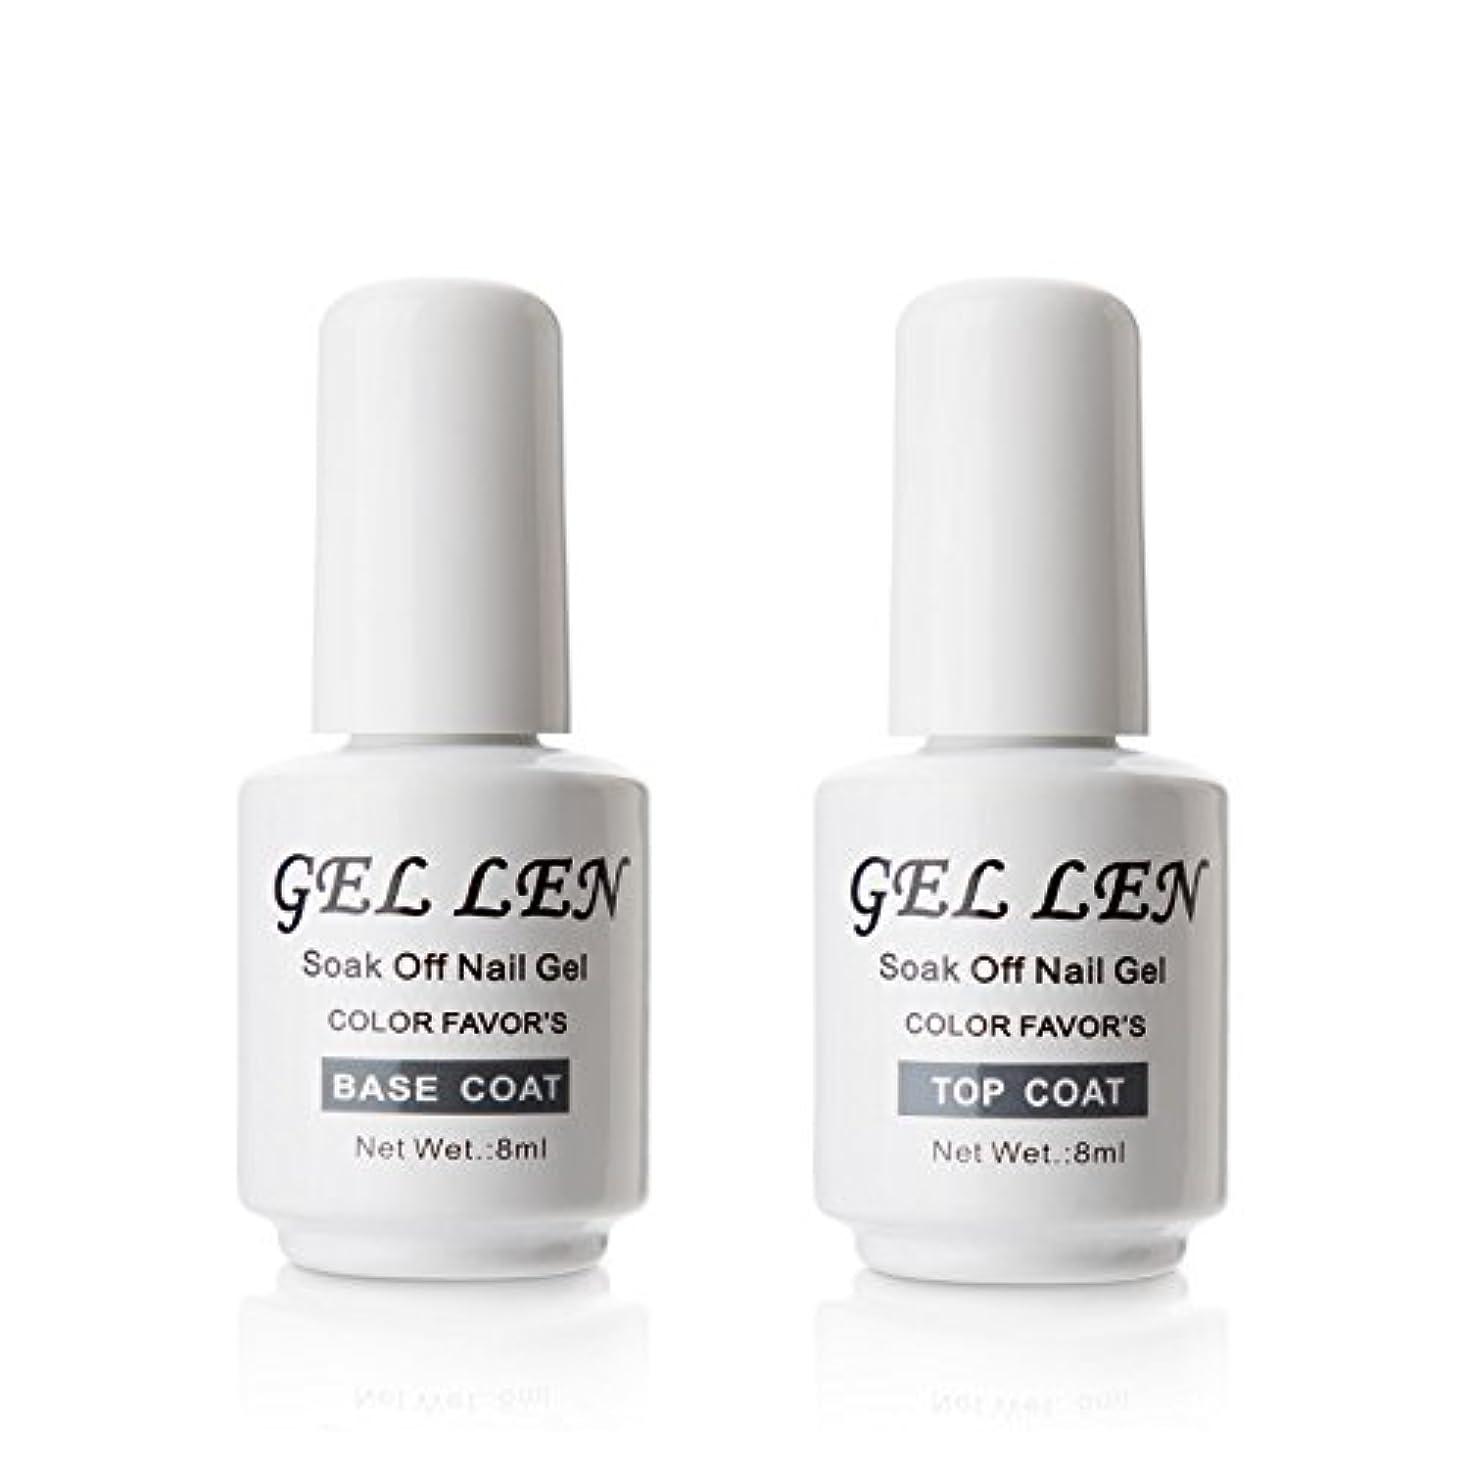 ノーブル極めて重要な乳白Gellen ジェルネイル UV LED ベースコート&トップコート セット 8ml